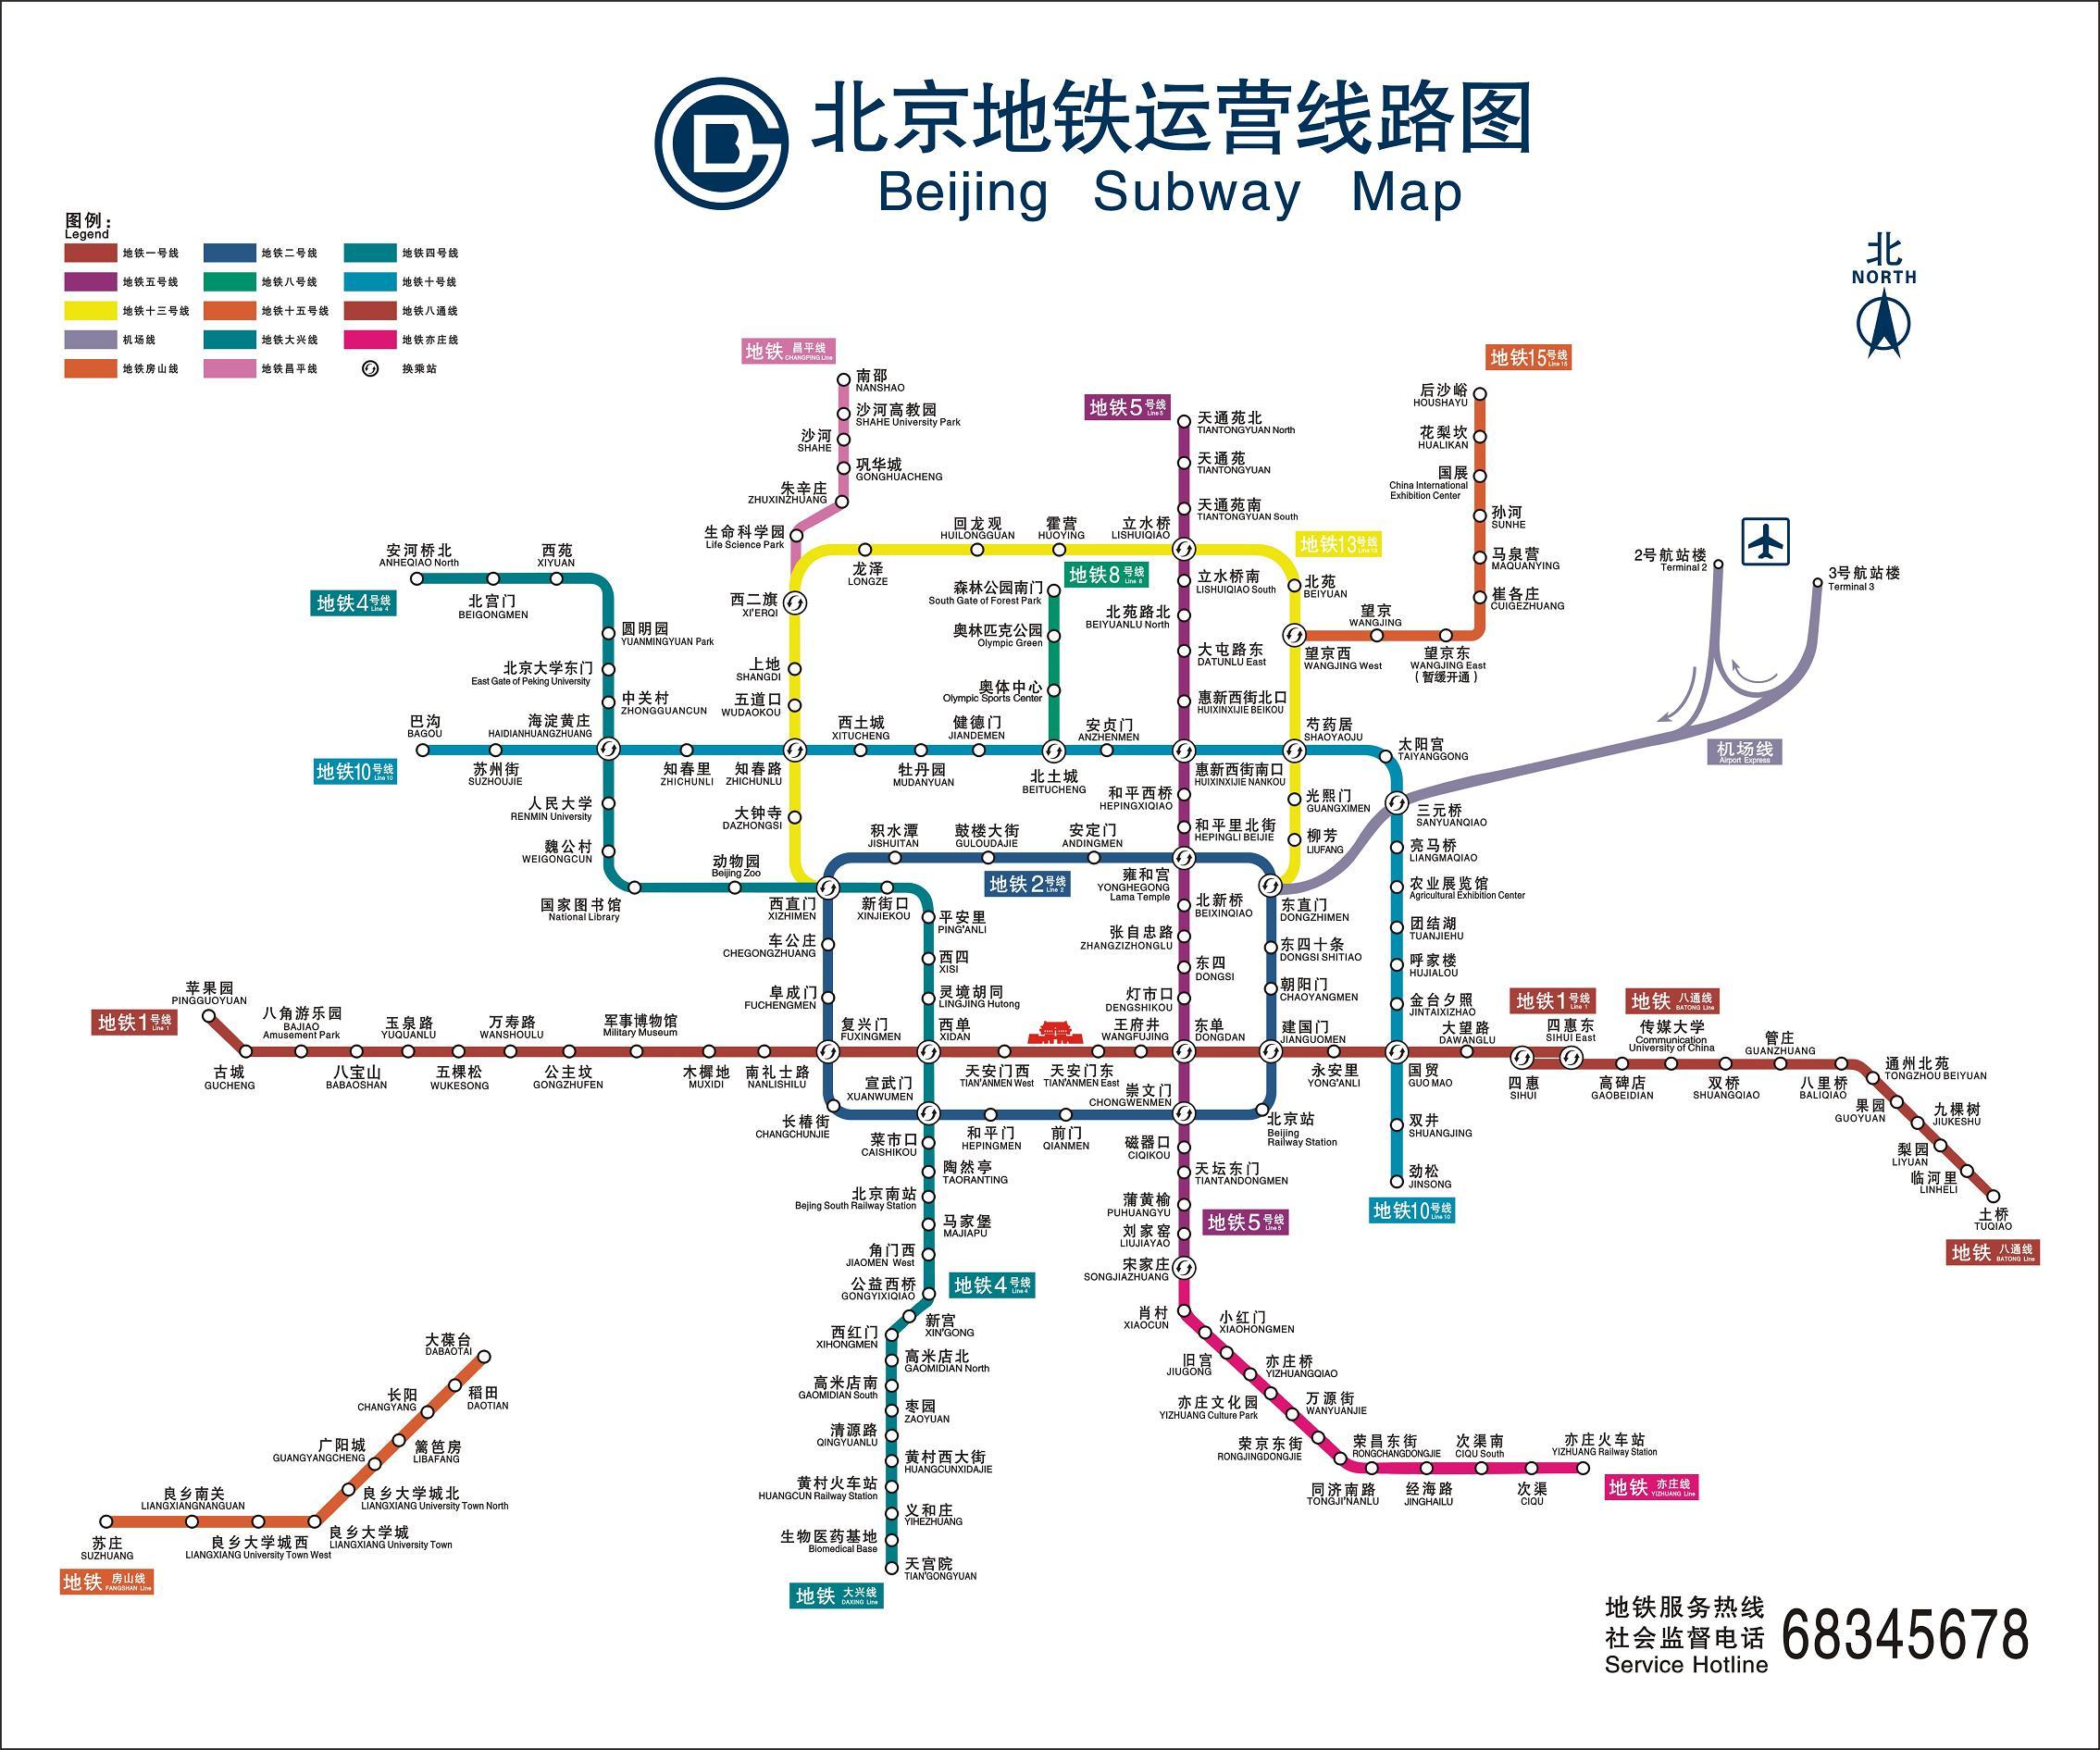 北京地铁线路图高清图片